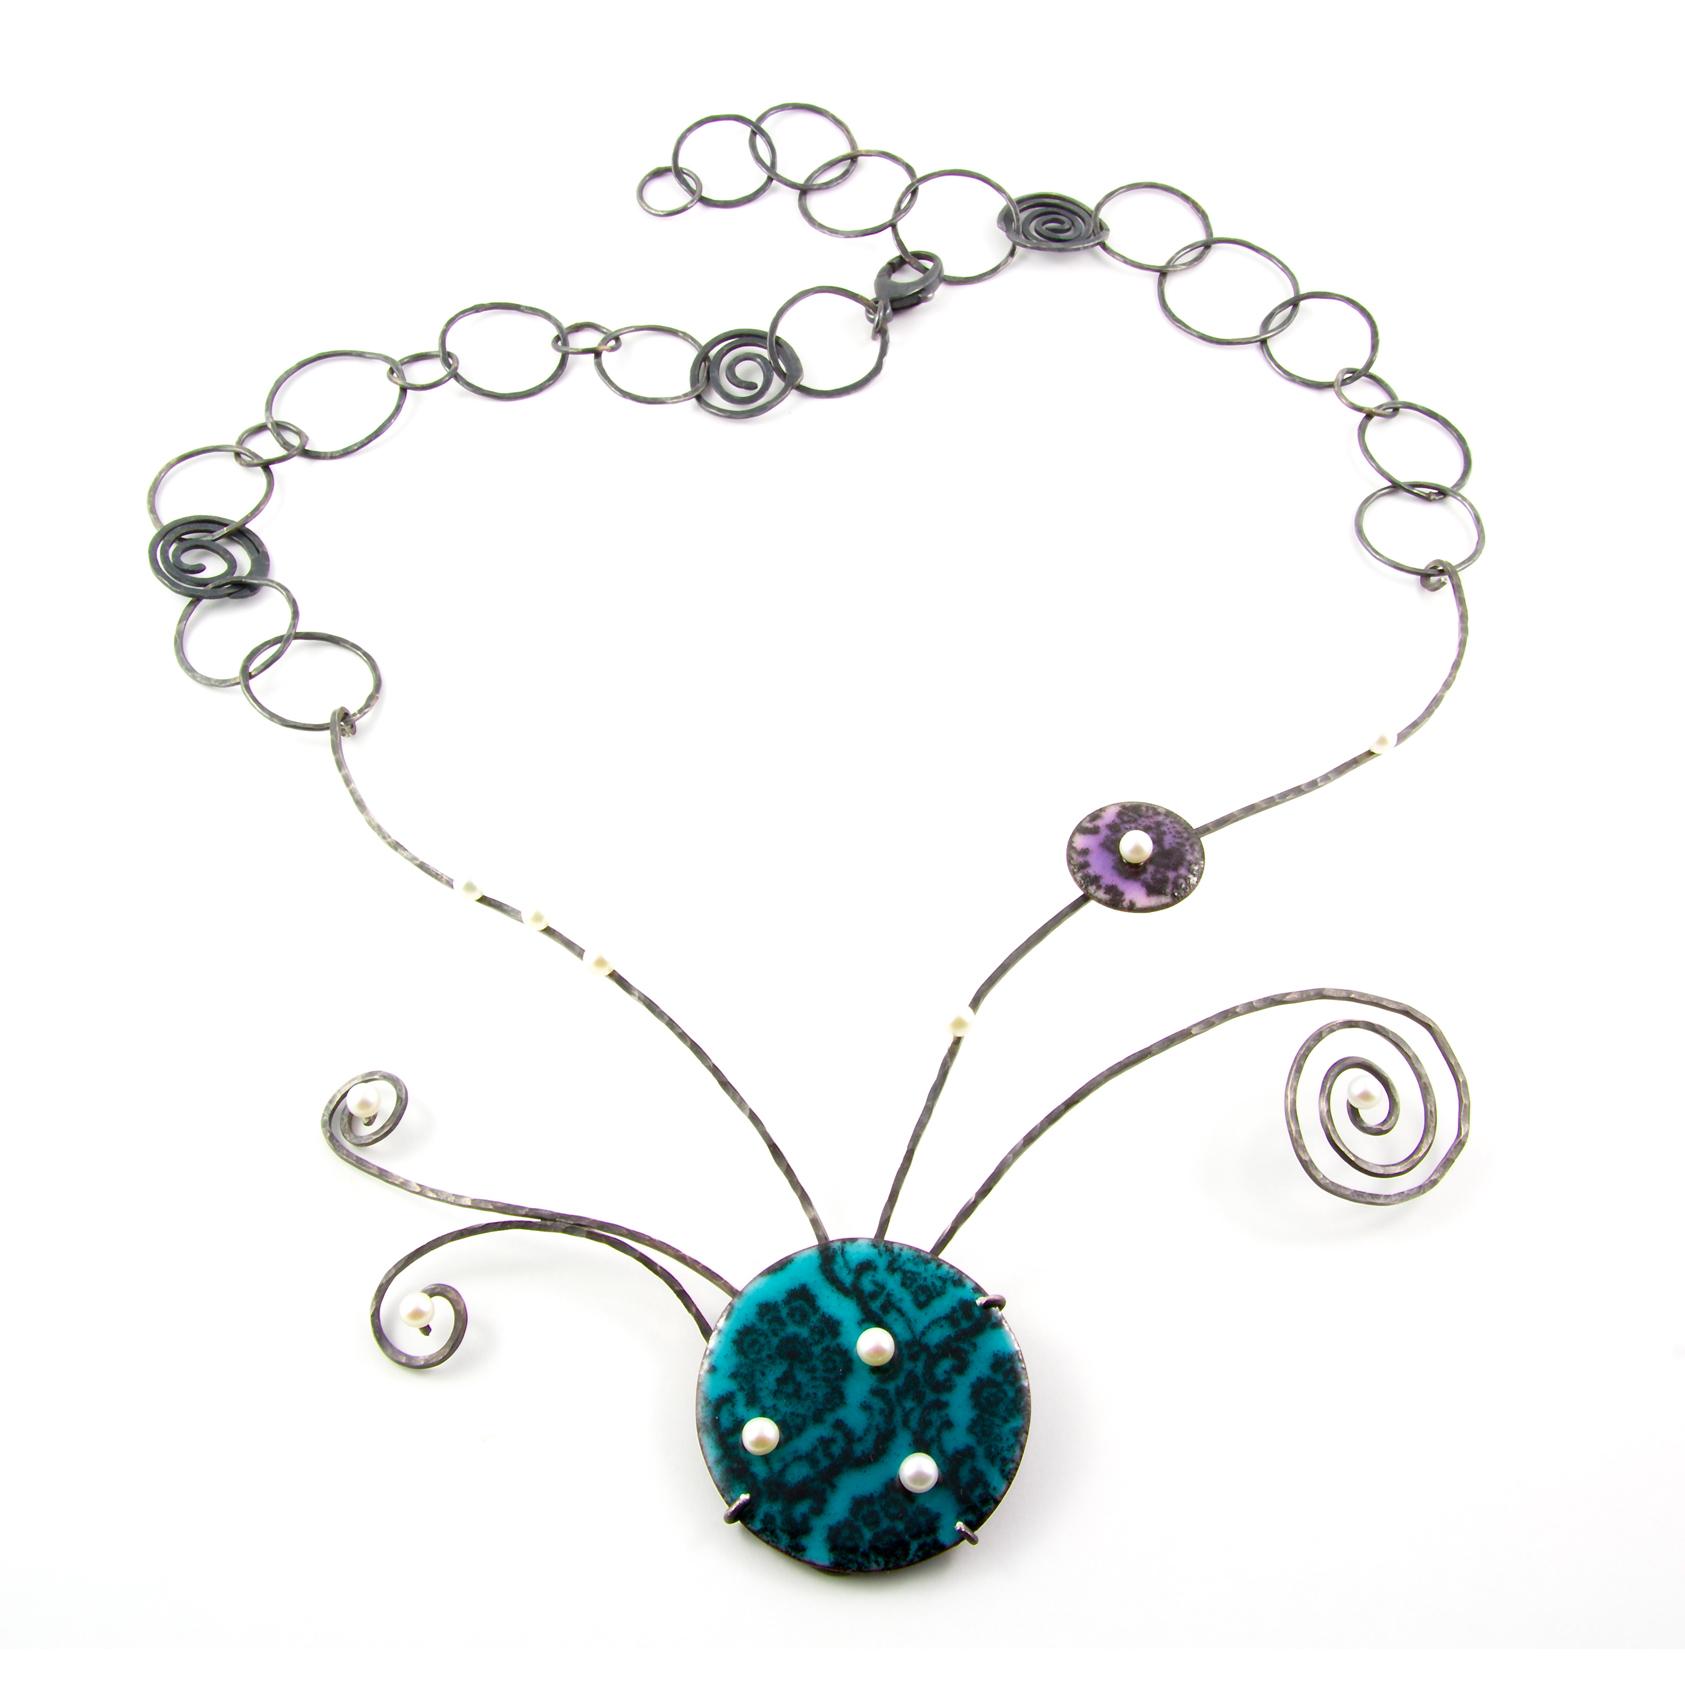 enamel necklace patsy kolesar.jpg